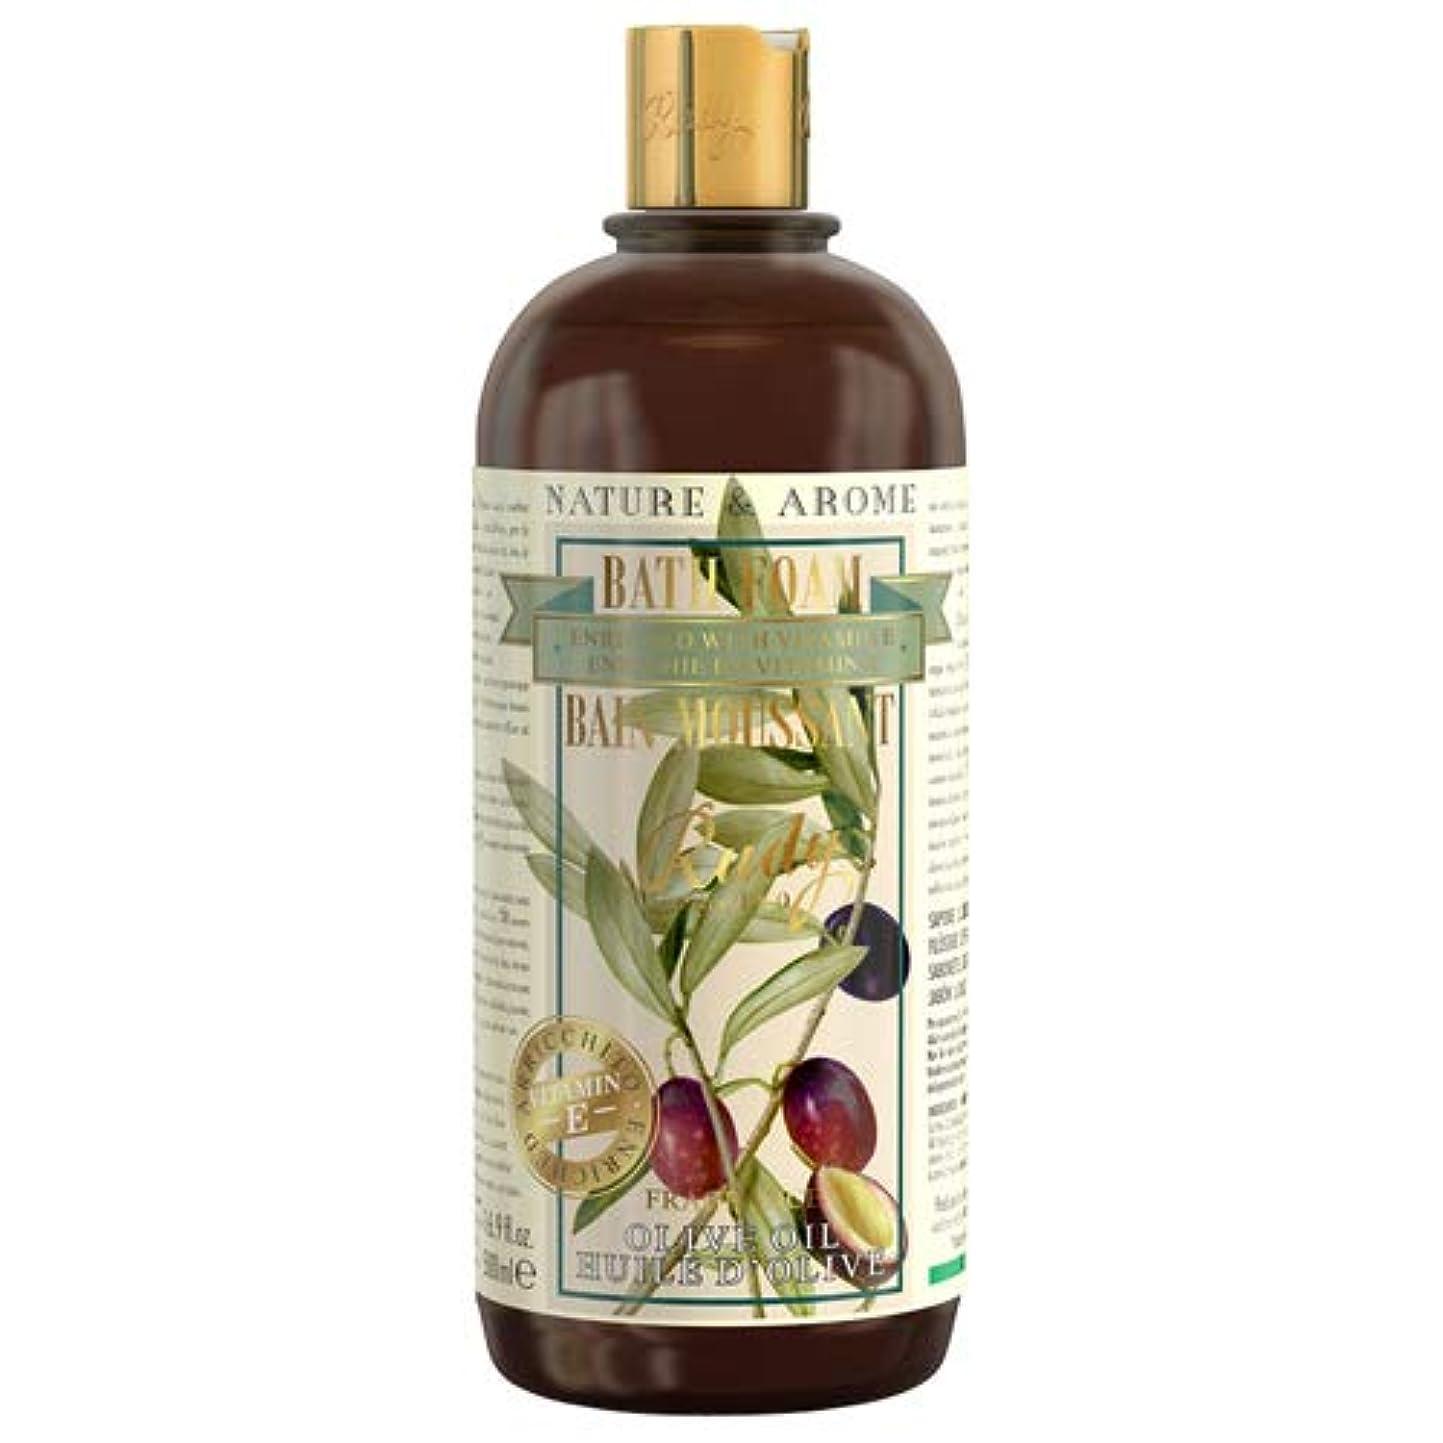 サワー父方の失礼RUDY Nature&Arome Apothecary ネイチャーアロマ アポセカリー Bath & Shower Gel バス&シャワージェル Olive Oil オリーブオイル